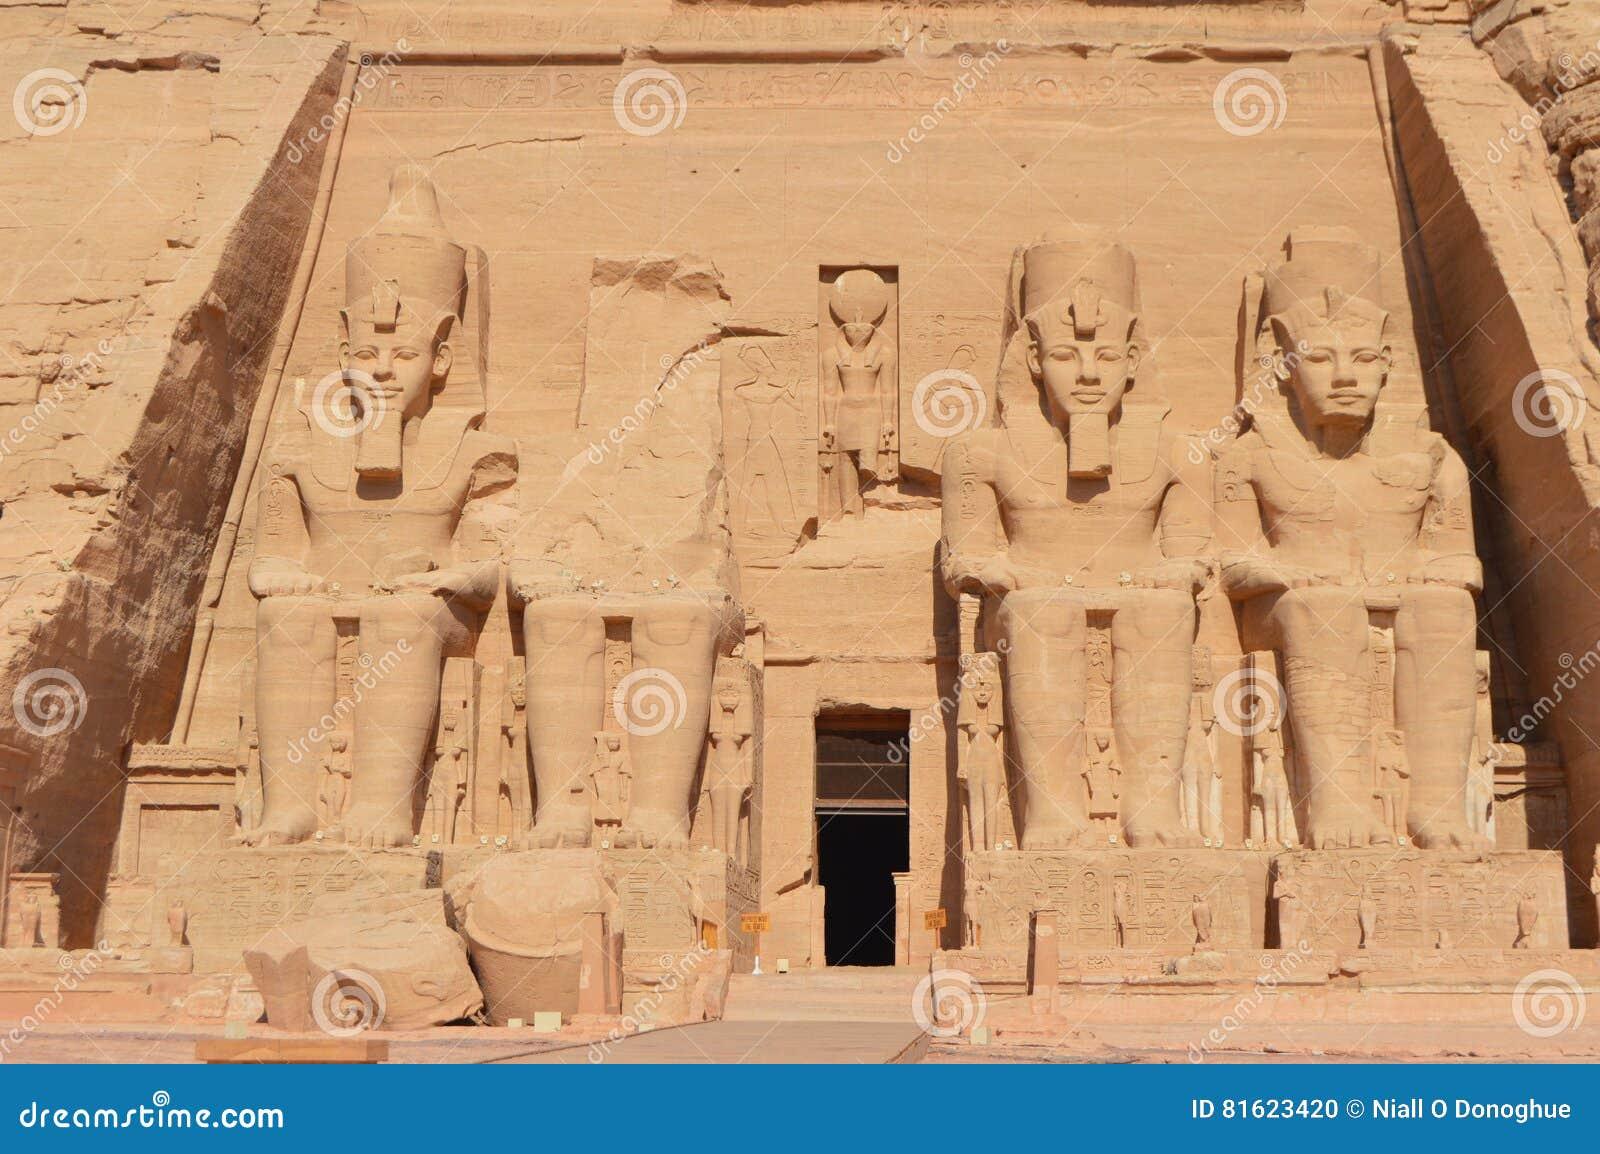 O monumento antigo impressionante em Abu Simbel